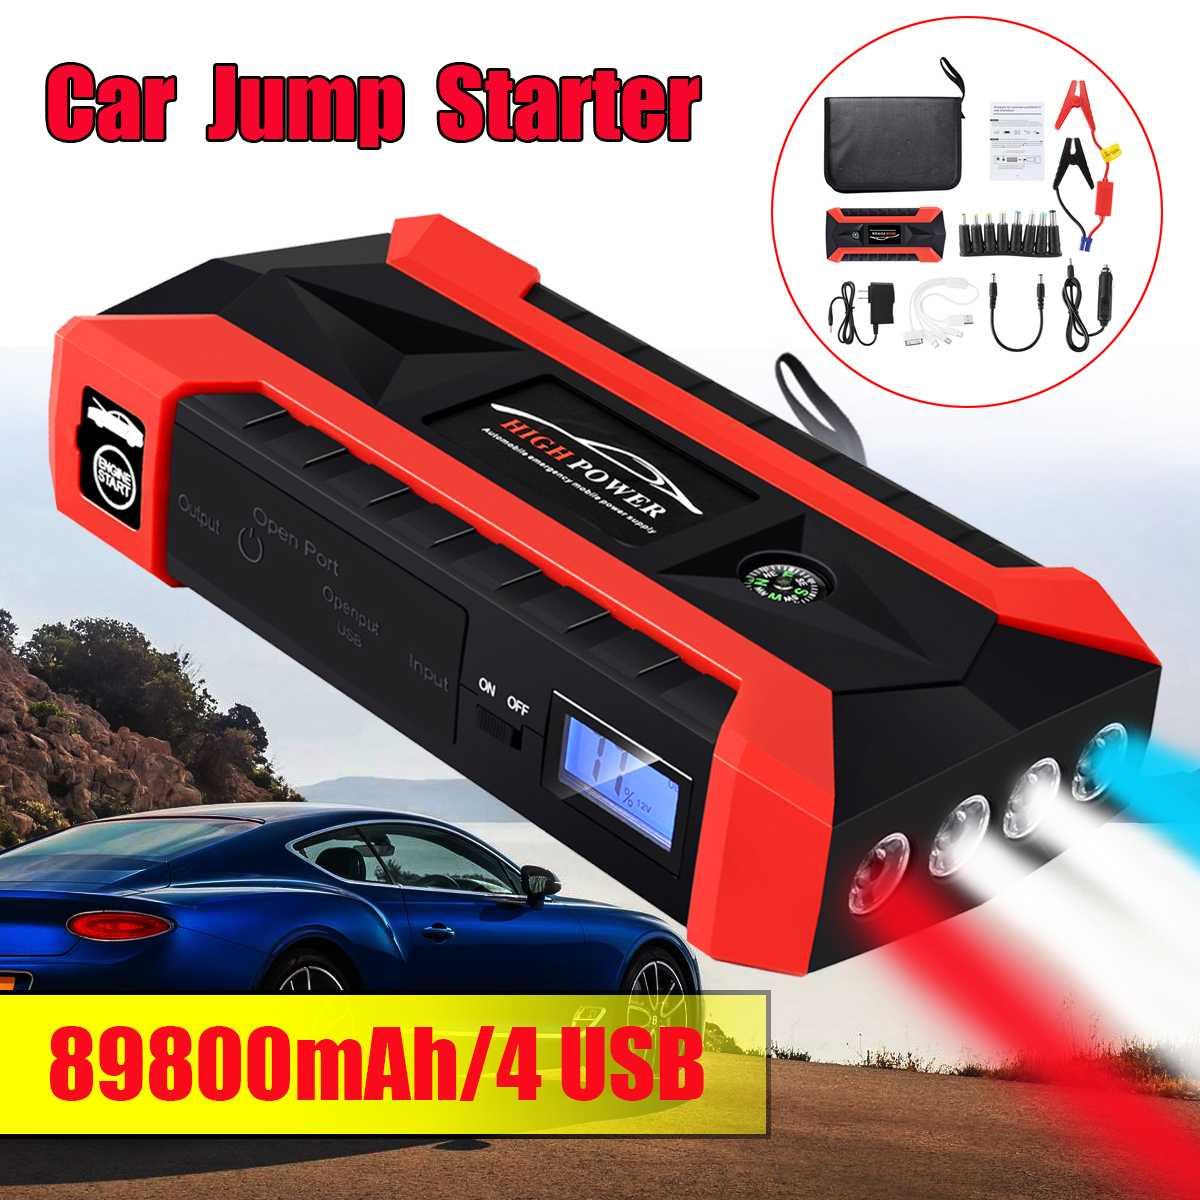 89800 mAh 4USB voiture saut démarreur multifonction chargeur de secours batterie externe Pack Booster 12 V dispositif de démarrage étanche